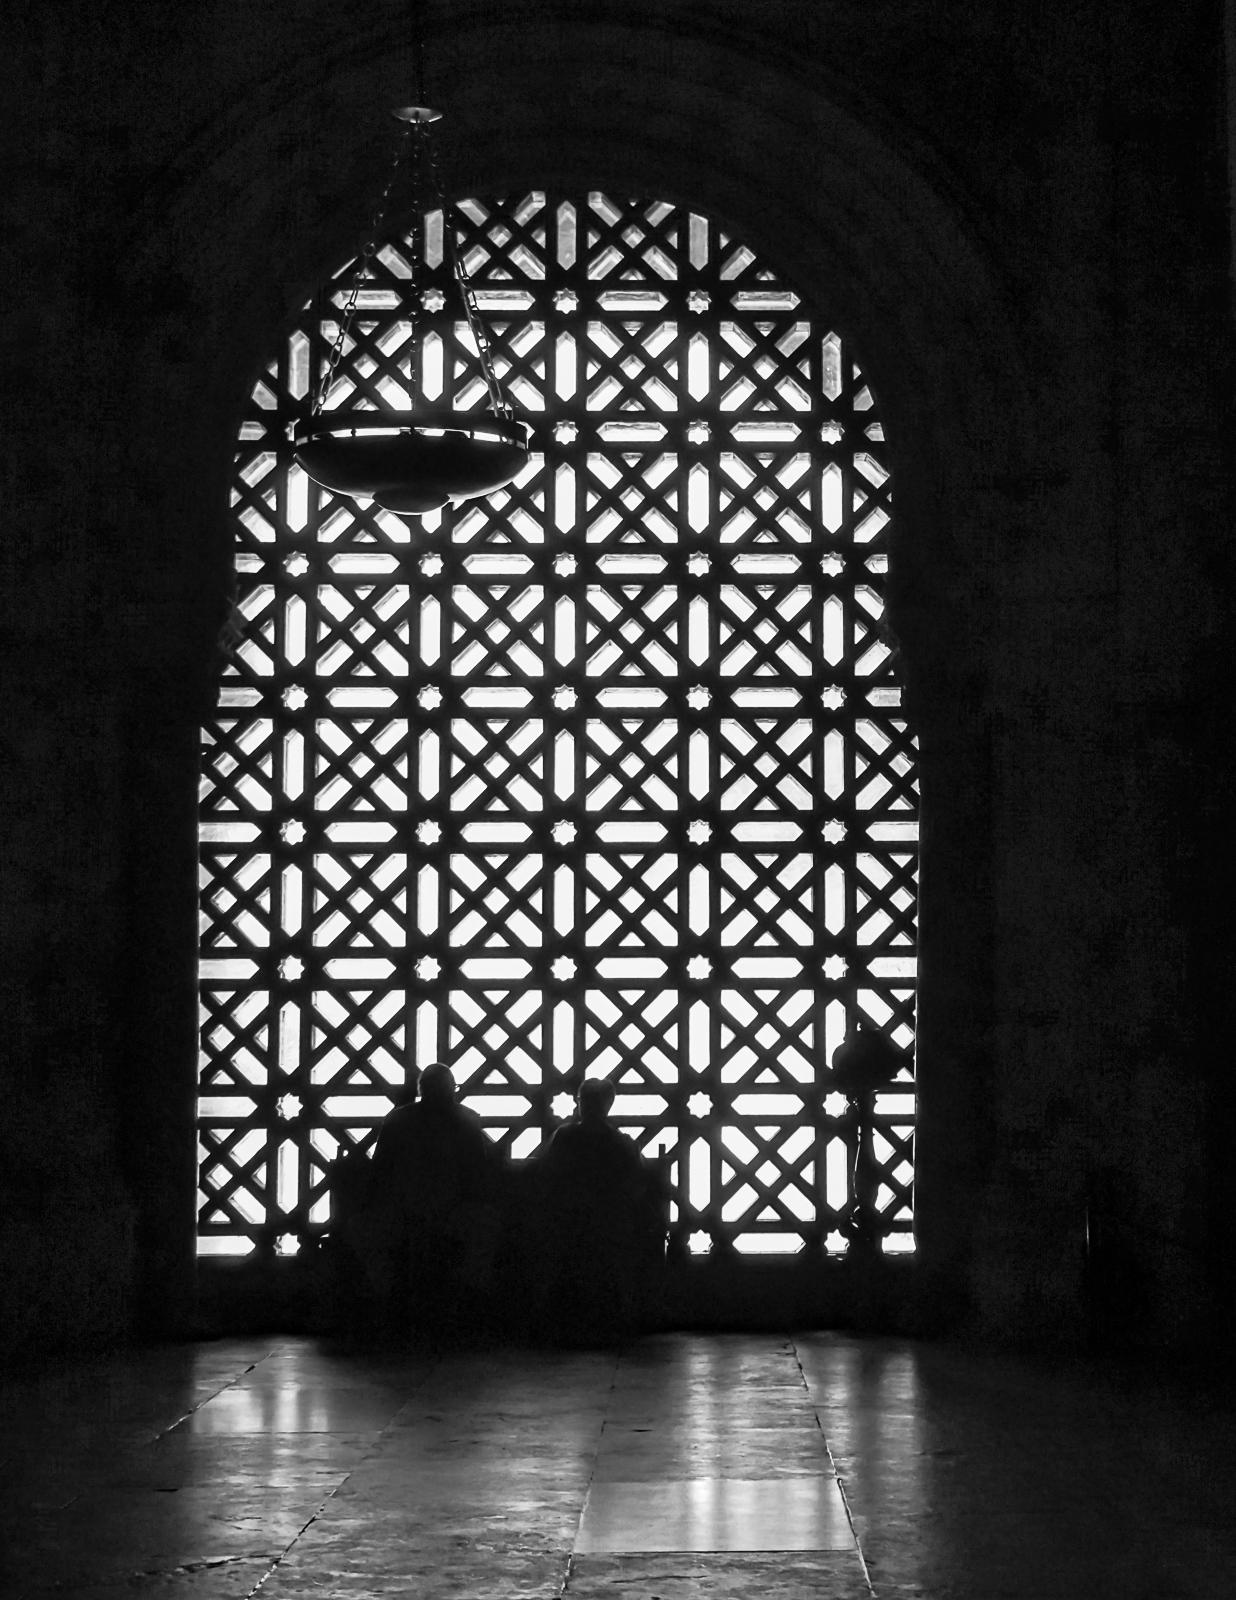 Mezquita Window